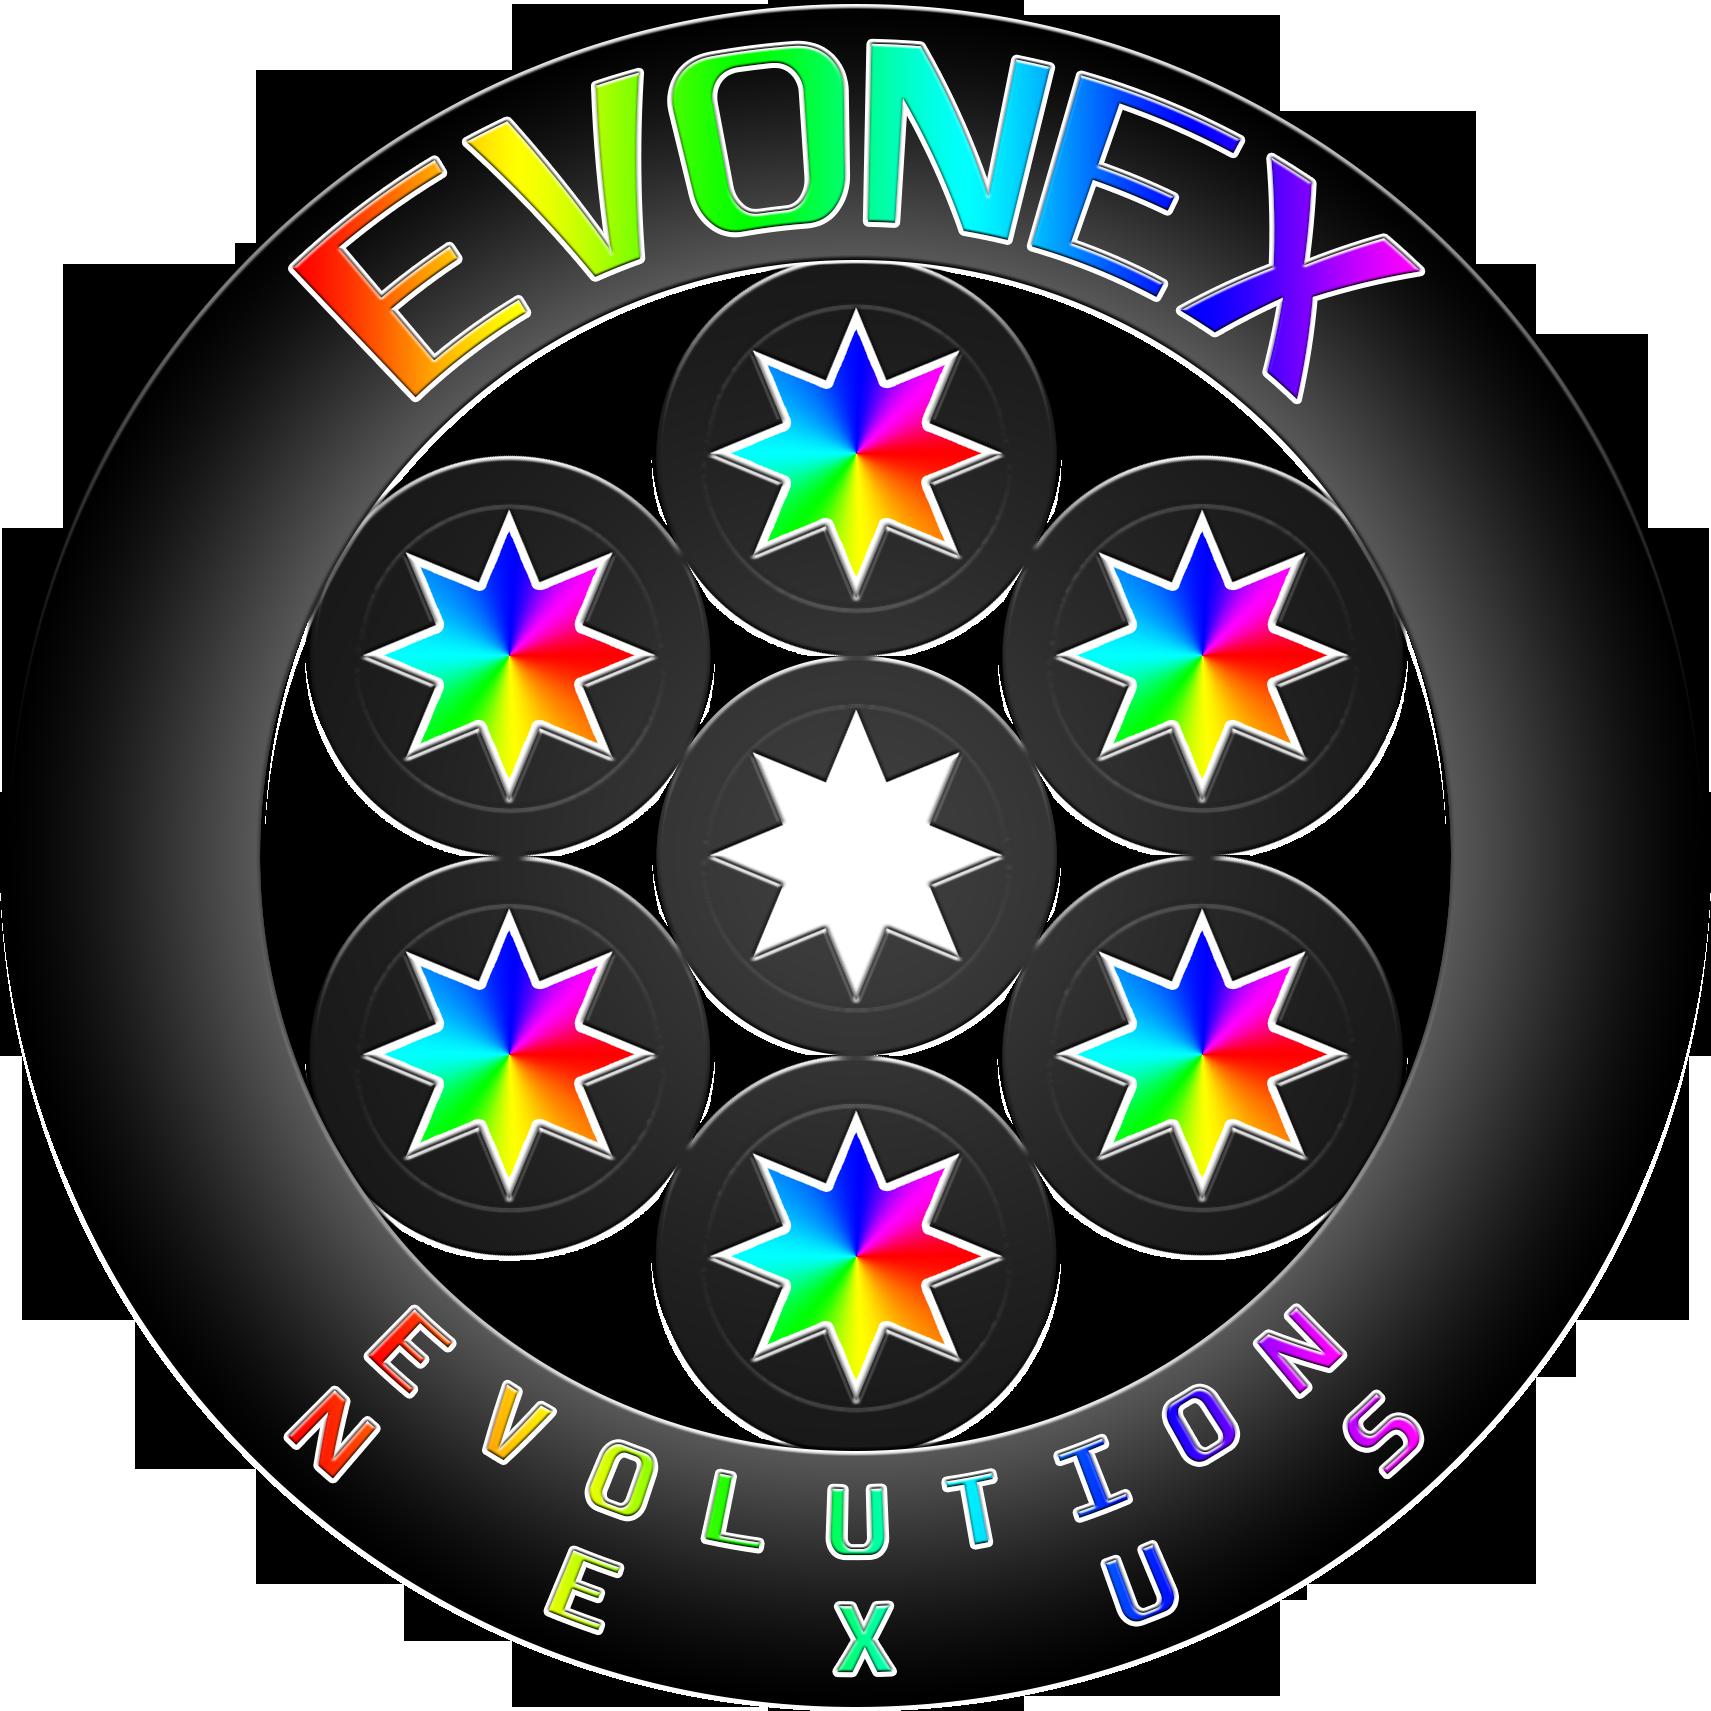 evonex logo